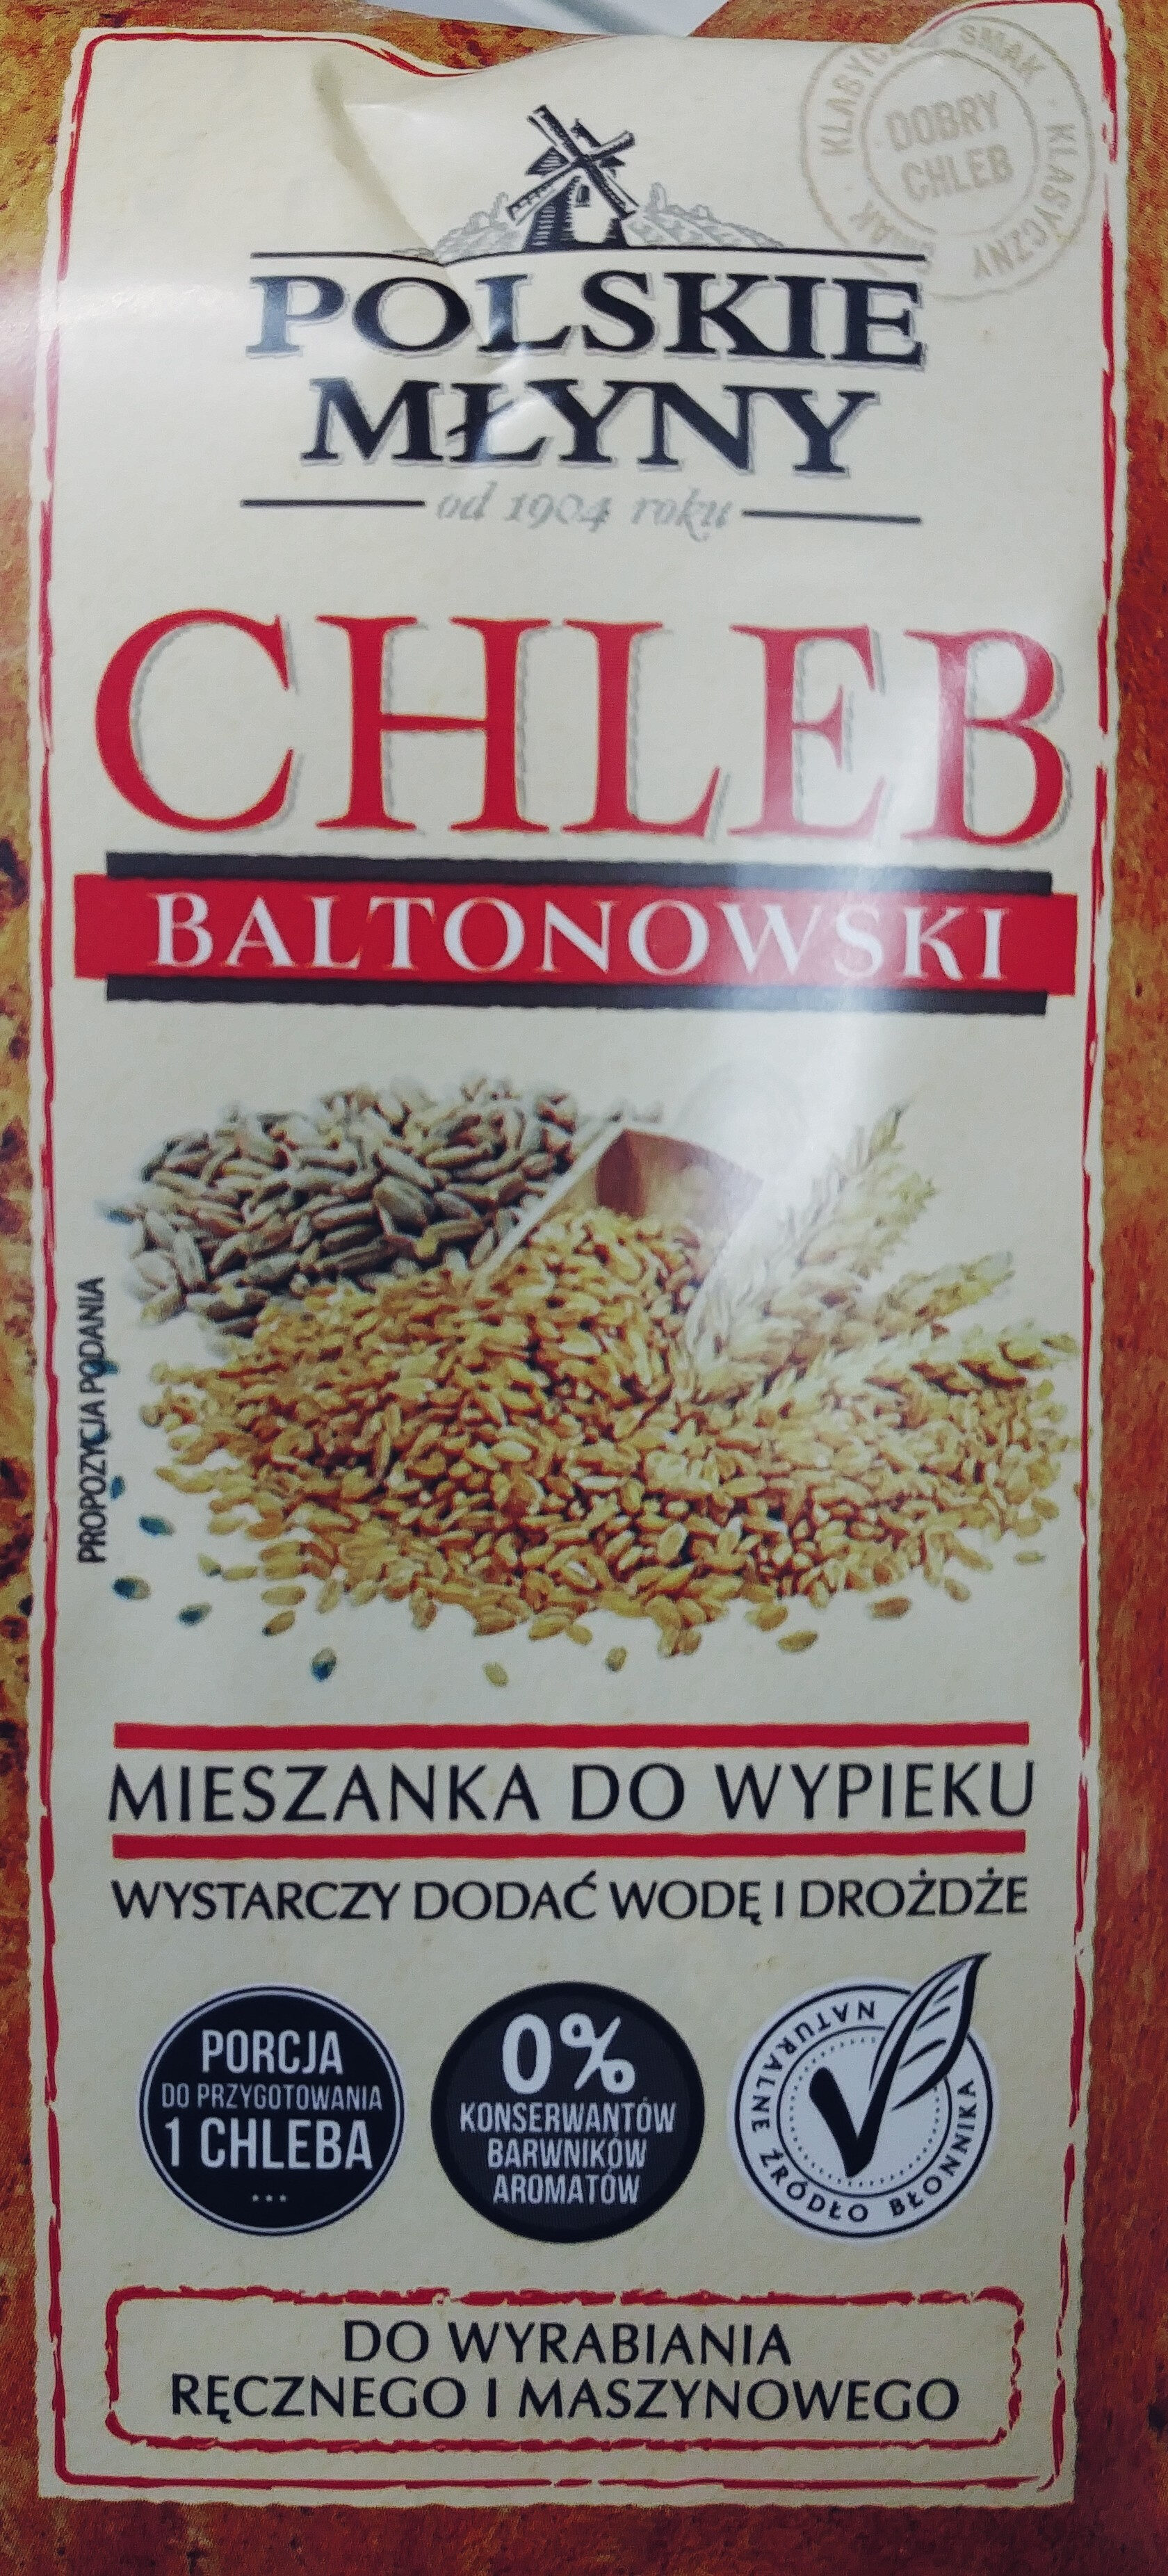 Mieszanka do wypieku chleba pszenno-żytni. Chleb baltonowski - Produkt - pl